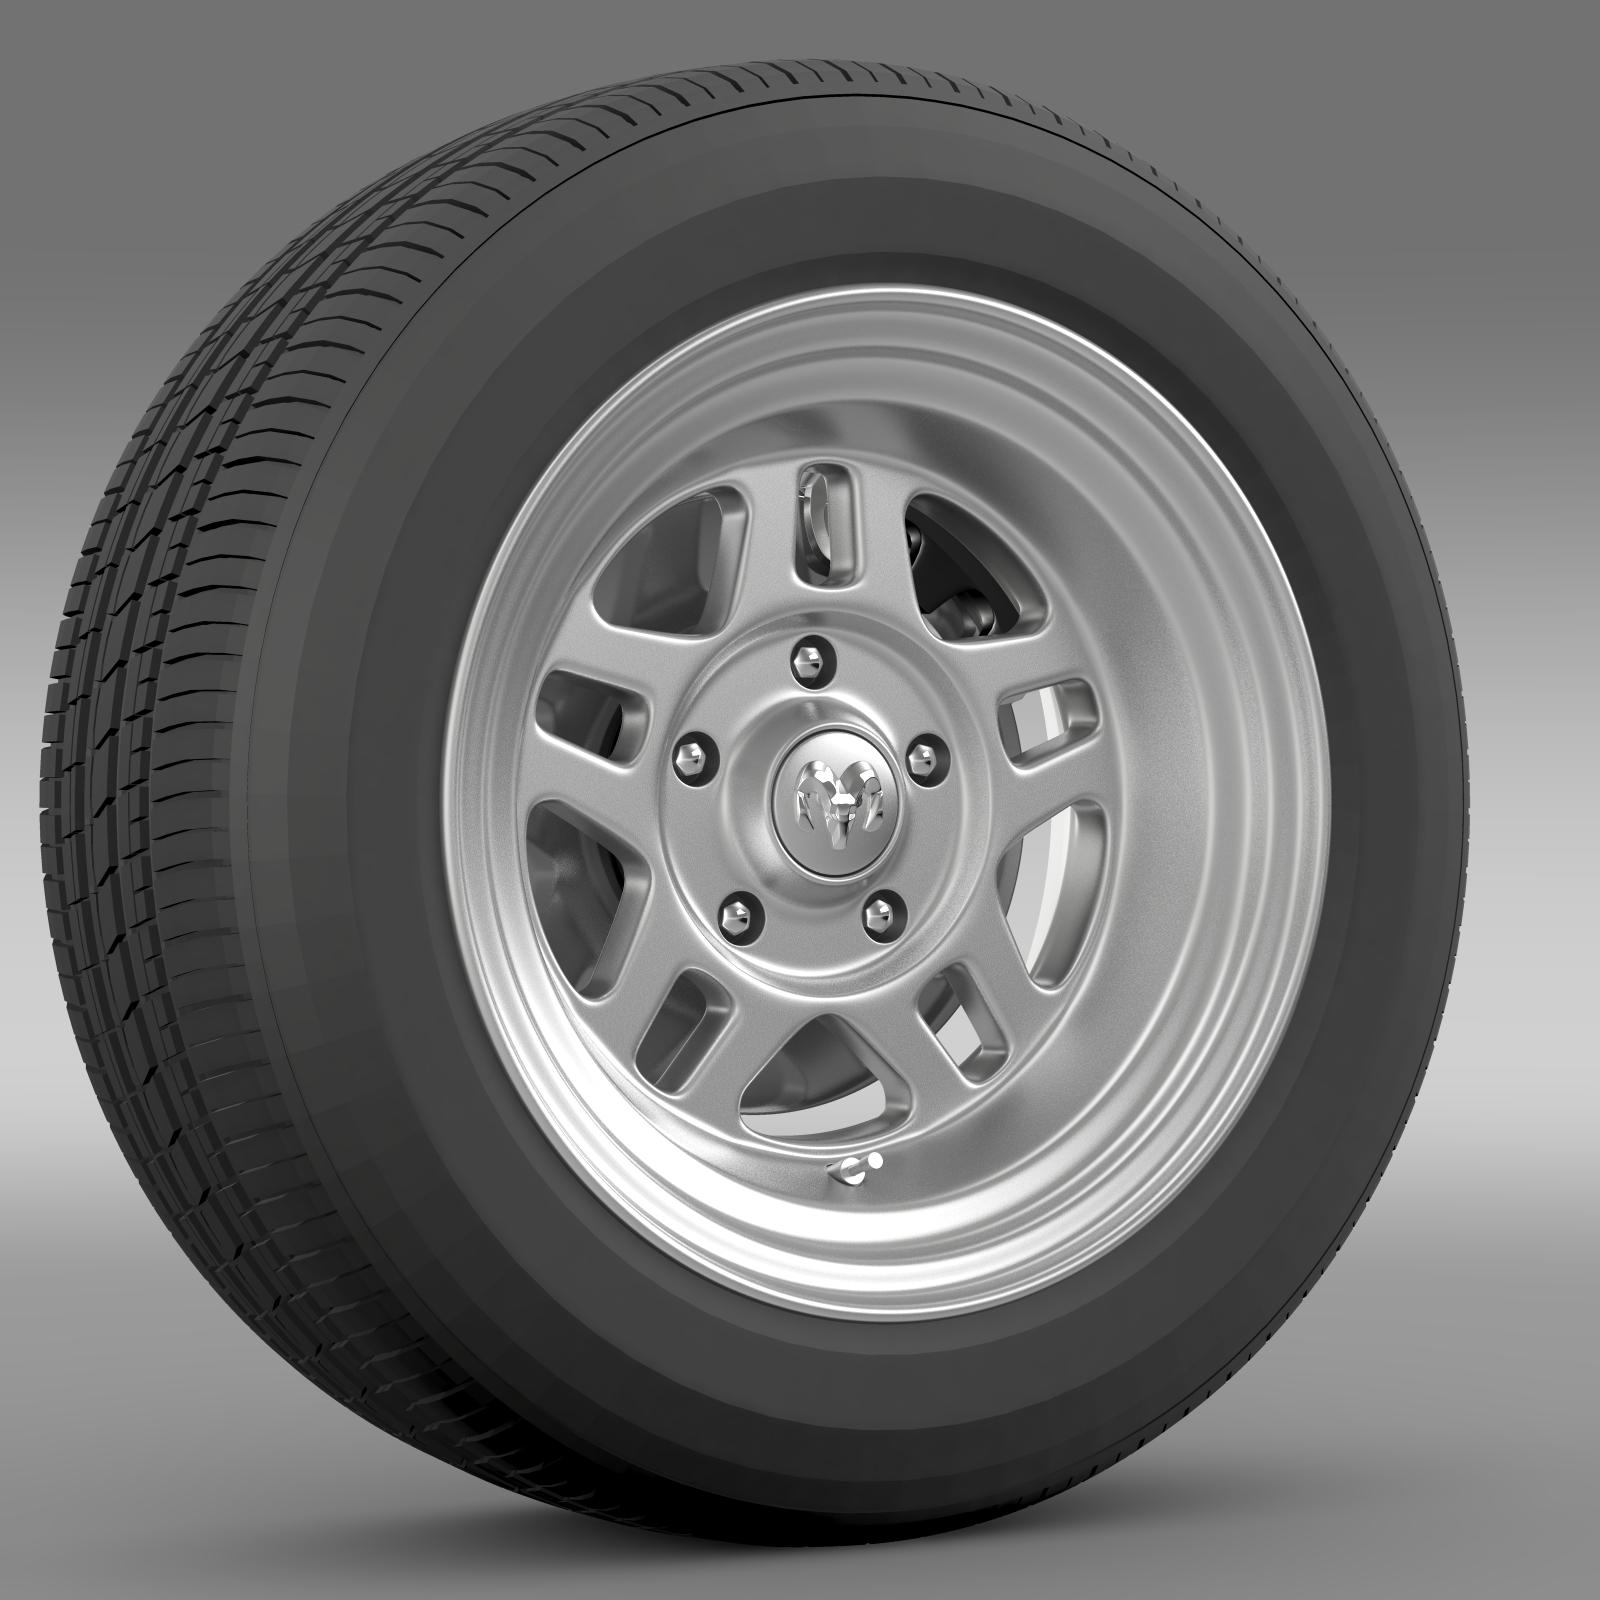 Dodge Challenger mopar ritenis 3d modelis 3ds max fbx c4d lwo ma mb hrc xsi obj 212809